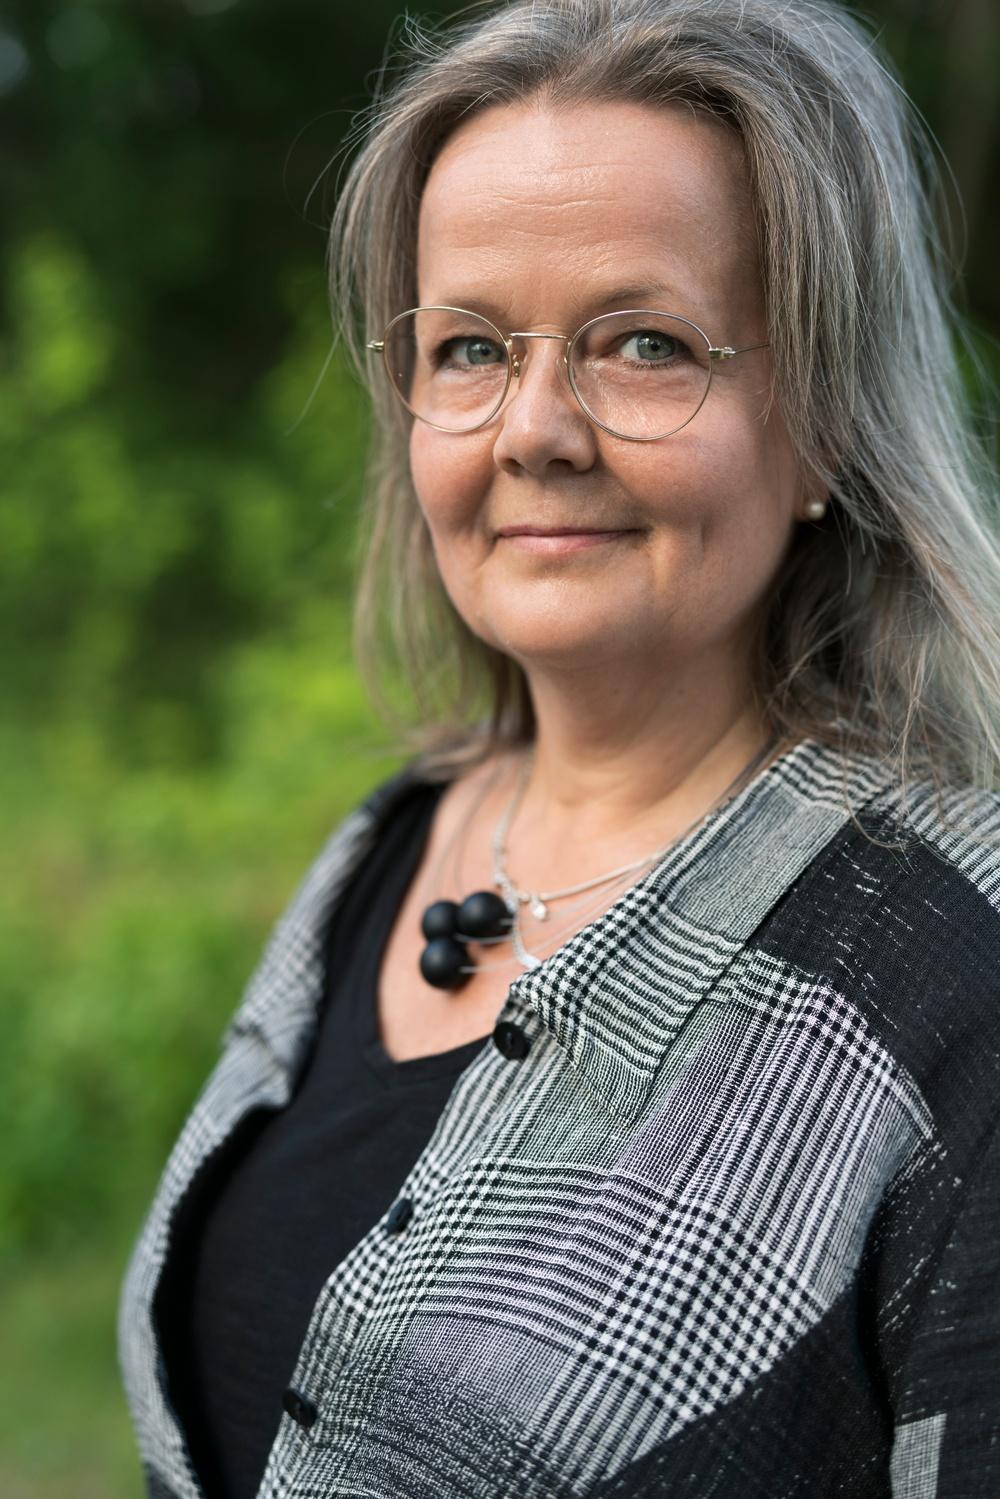 Åsa Lindström Öberg, medverkar i Tåmefursten, på Berättarfestivalen 2020. Foto: Jonas Westling.